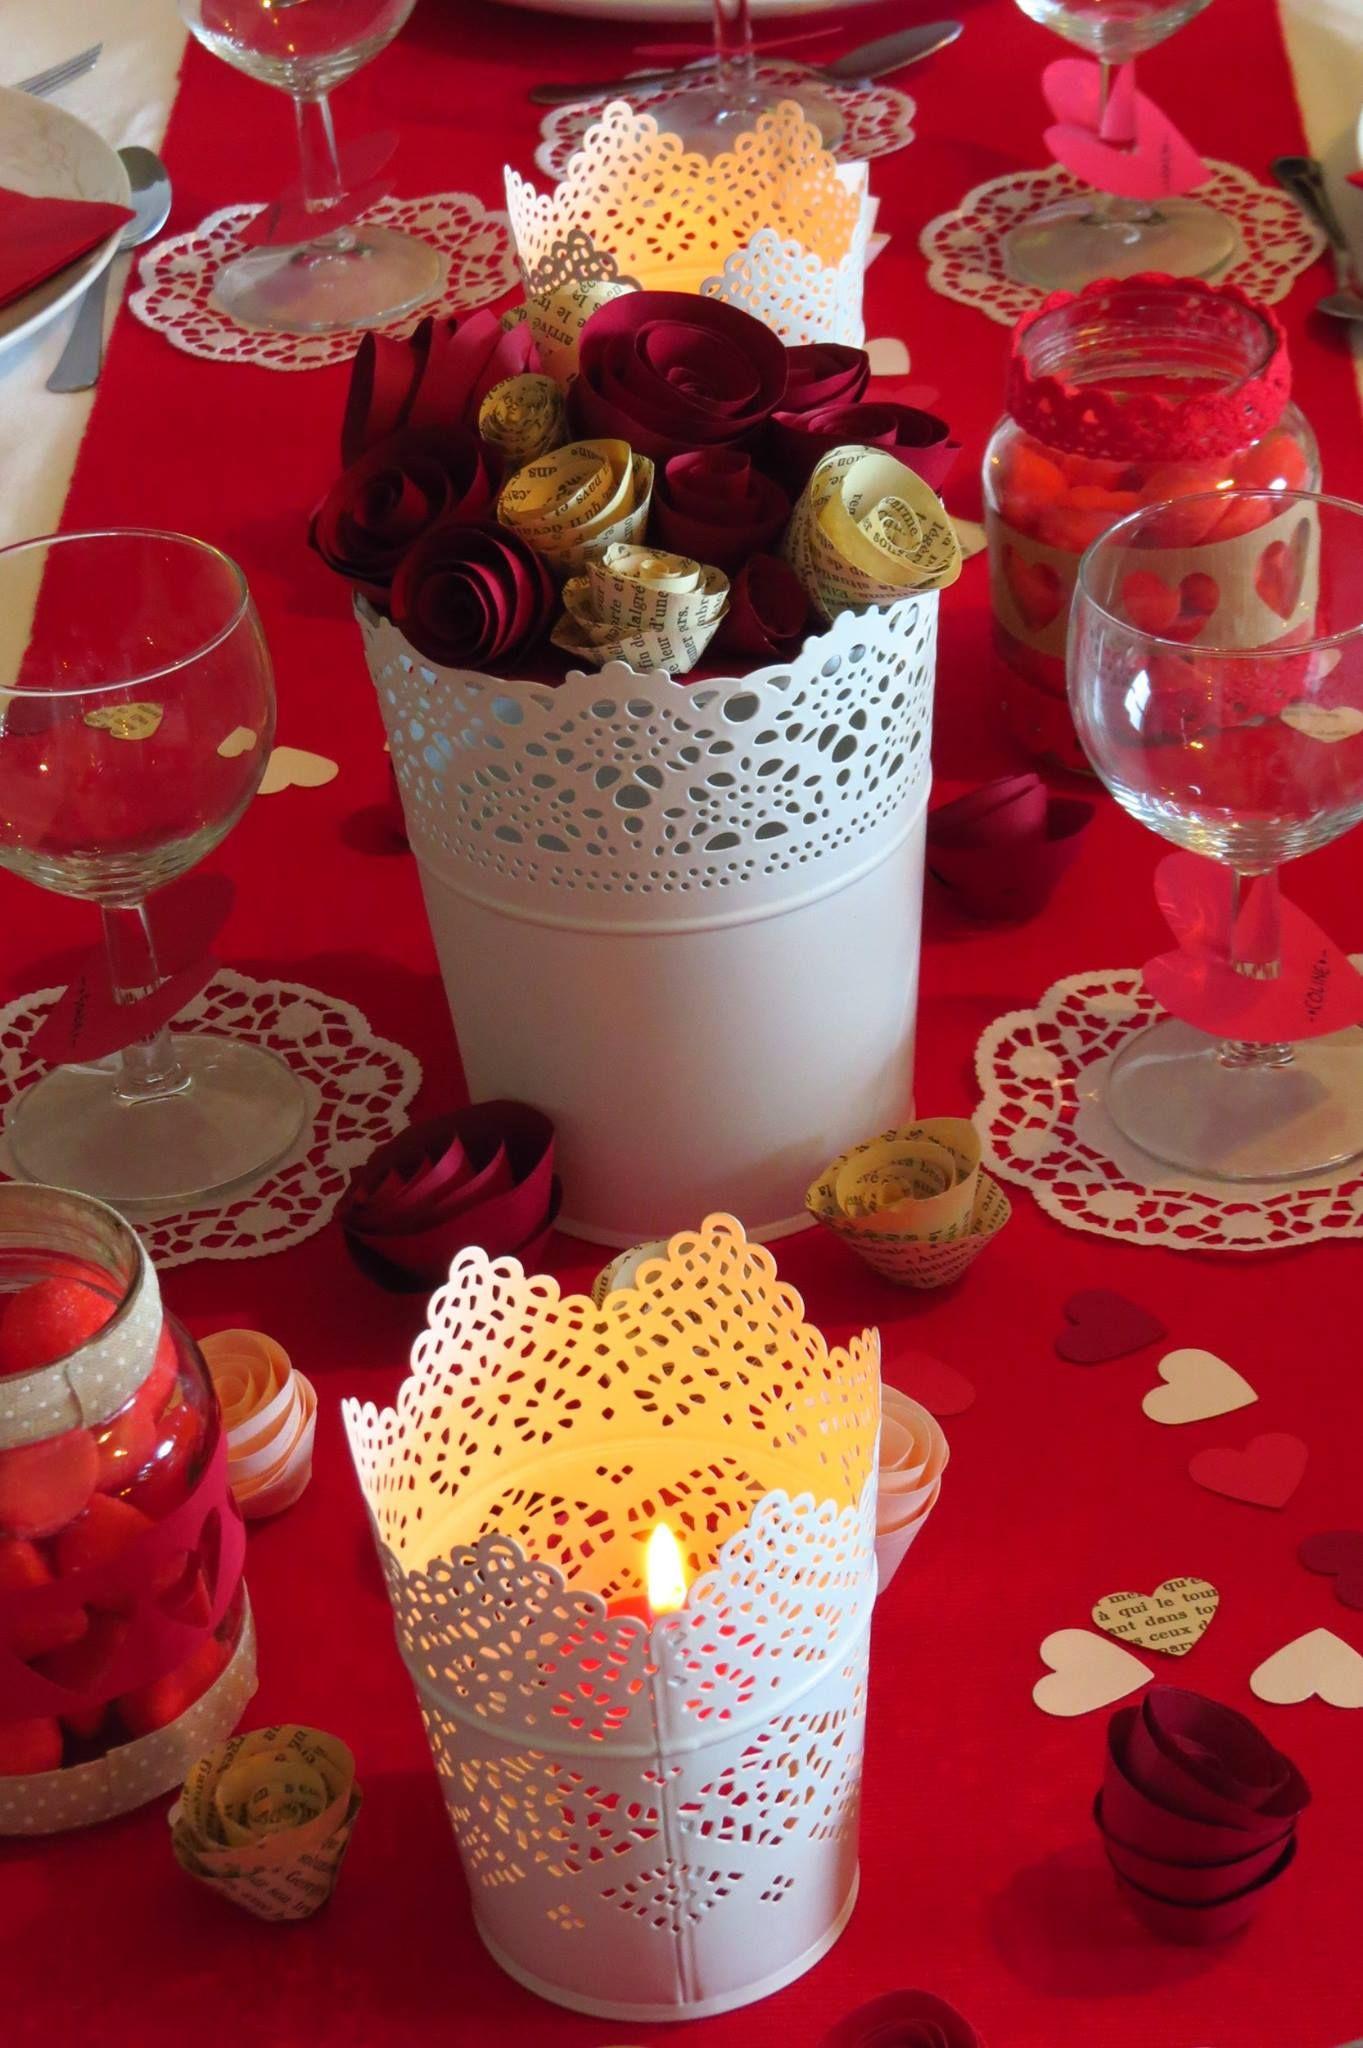 Table Saint Valentin dedans idée décoration table saint valentin ou mariage bougie fleur